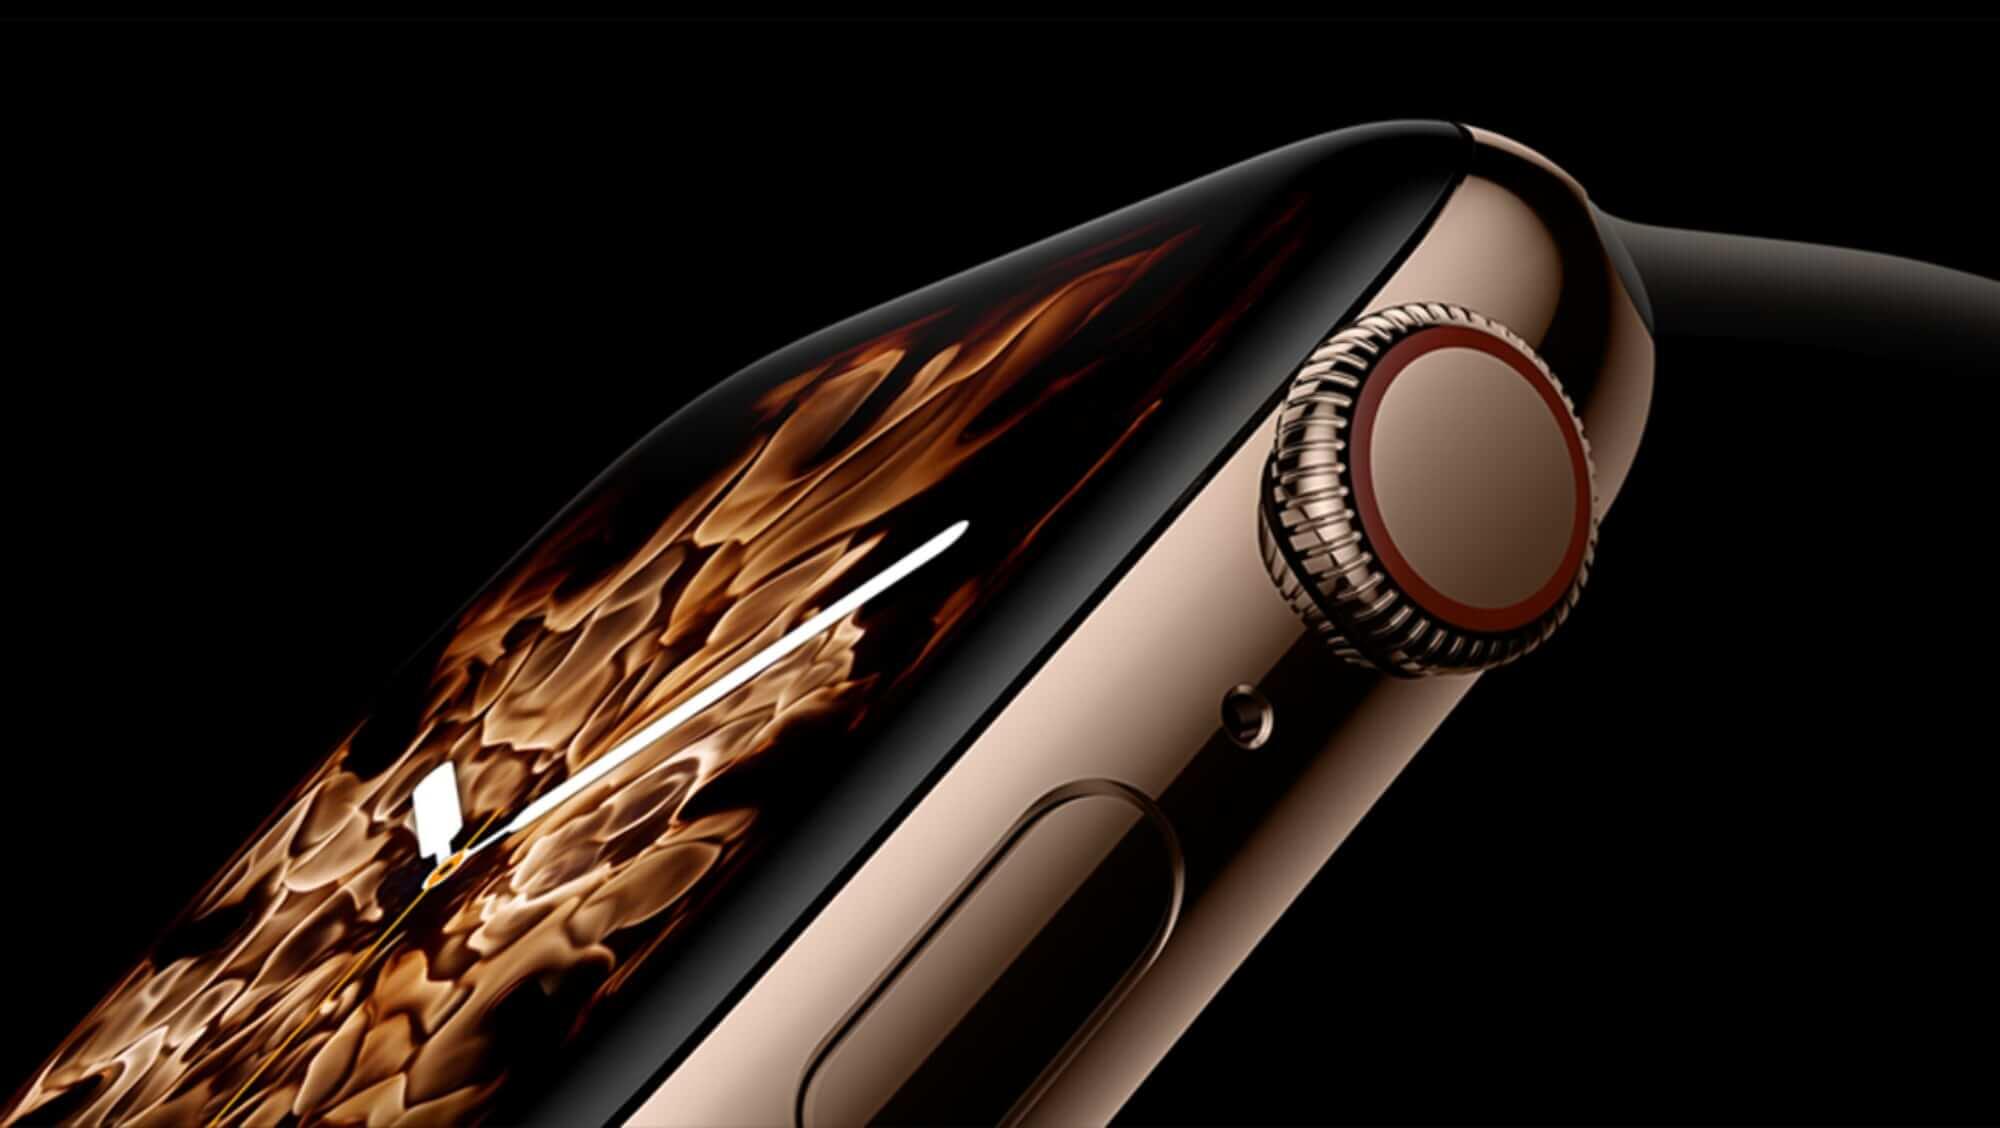 Apple Watch Series 4 продаются хуже предыдущих моделей? — The IT-Files